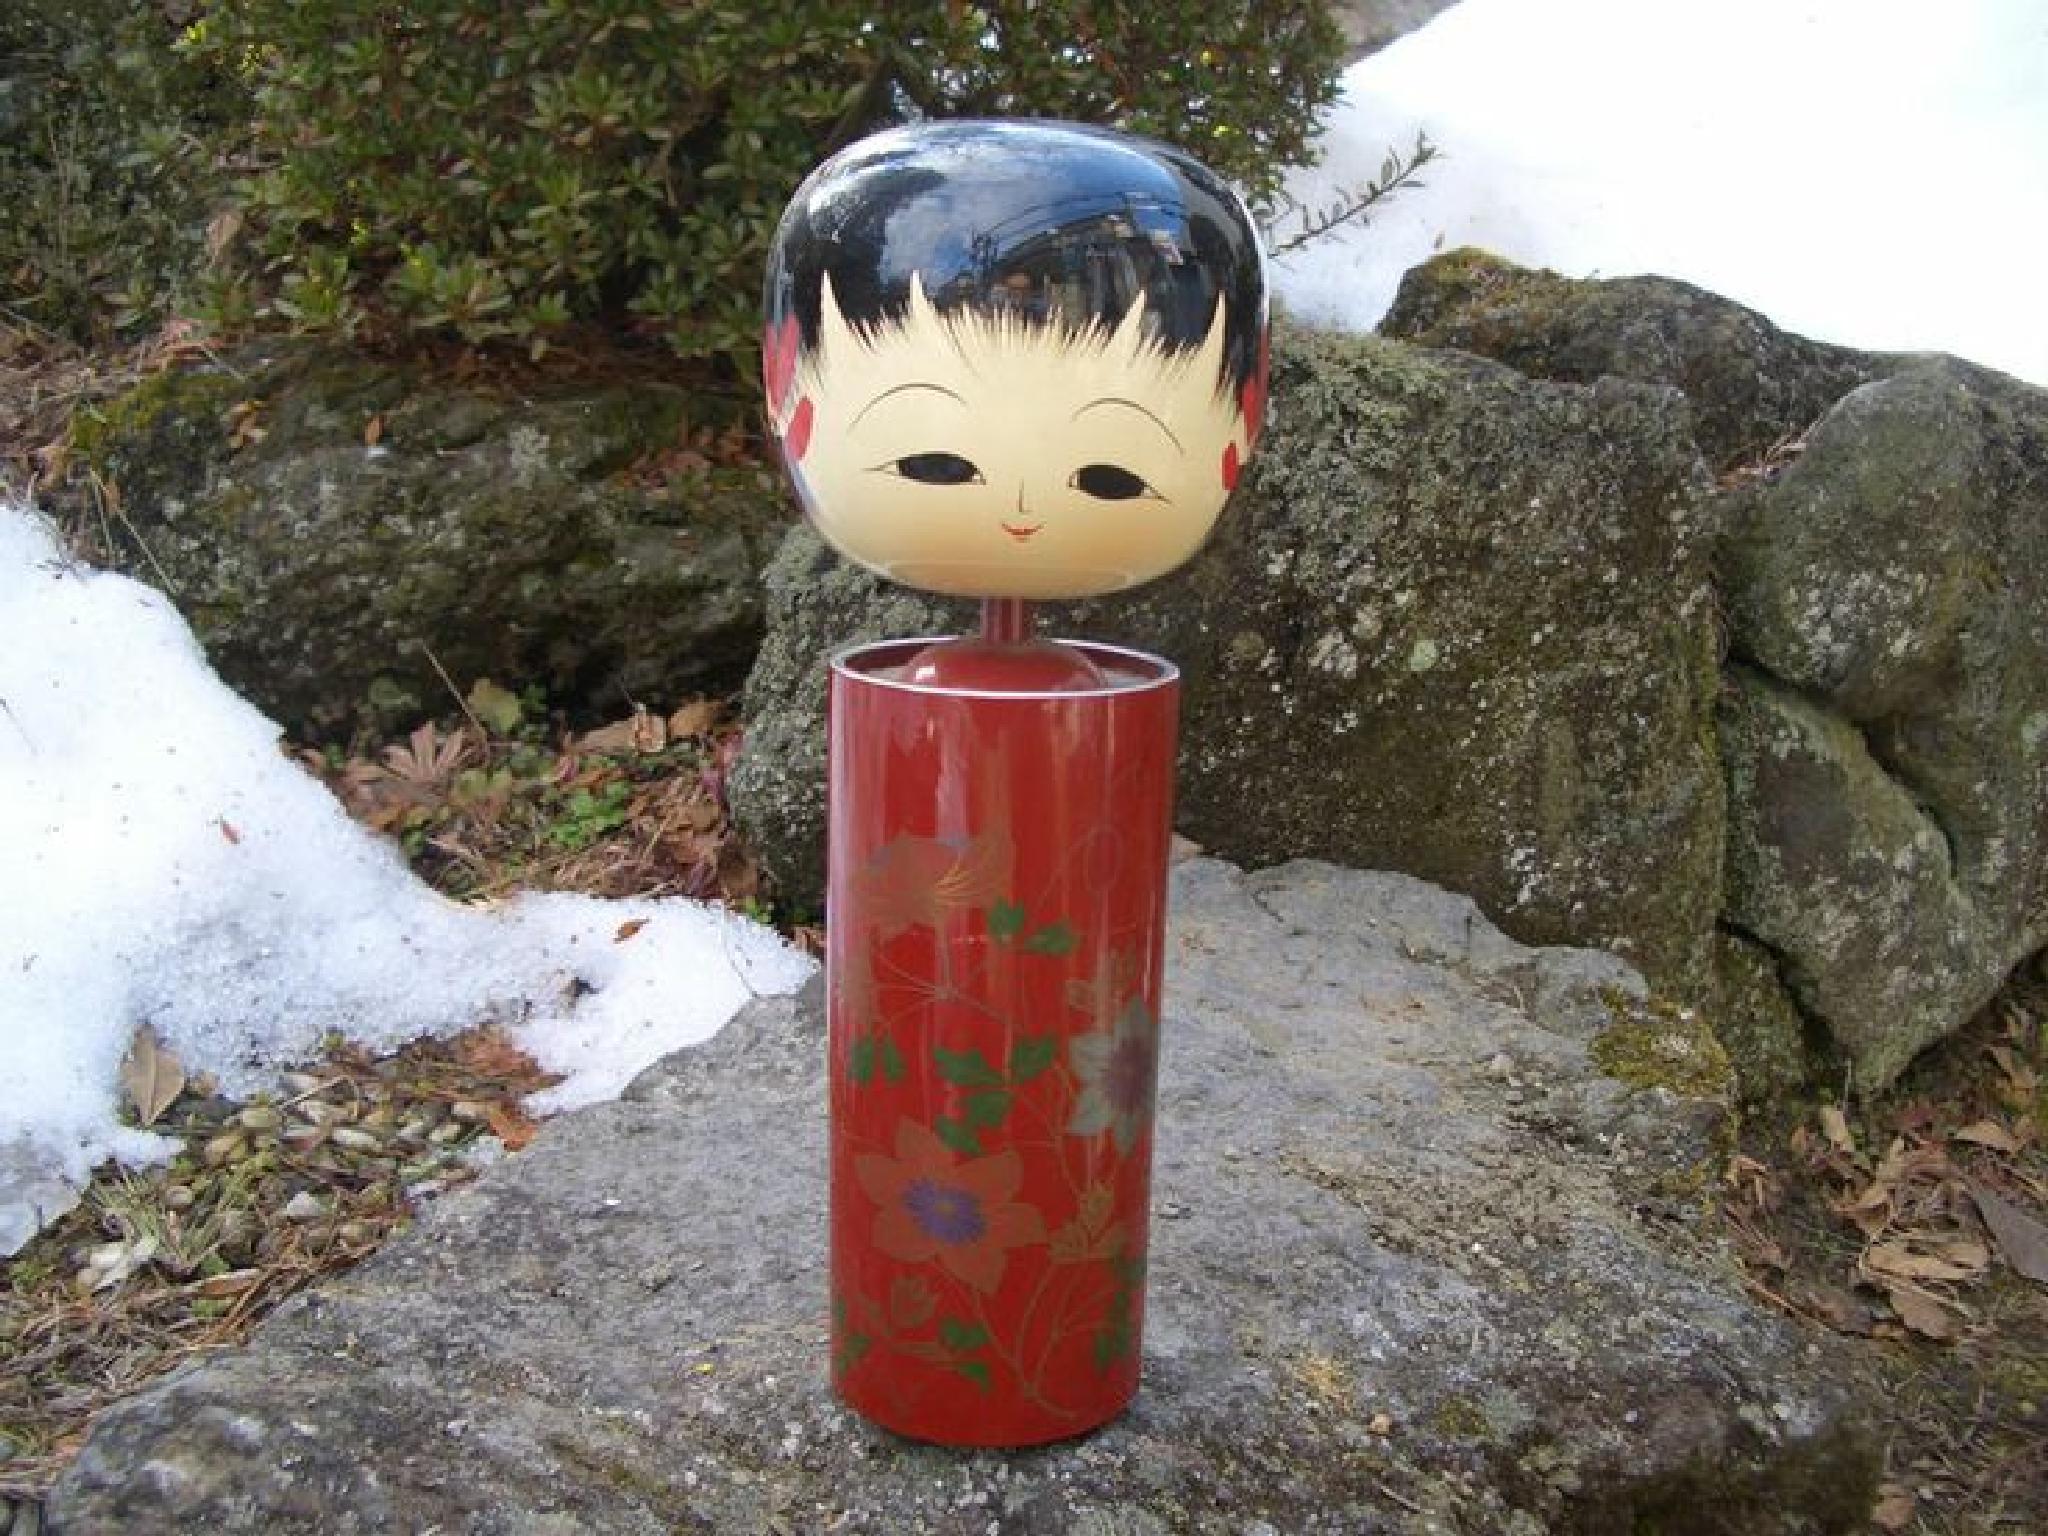 Japanese kokeshi doll by Hiroshi Fukushima